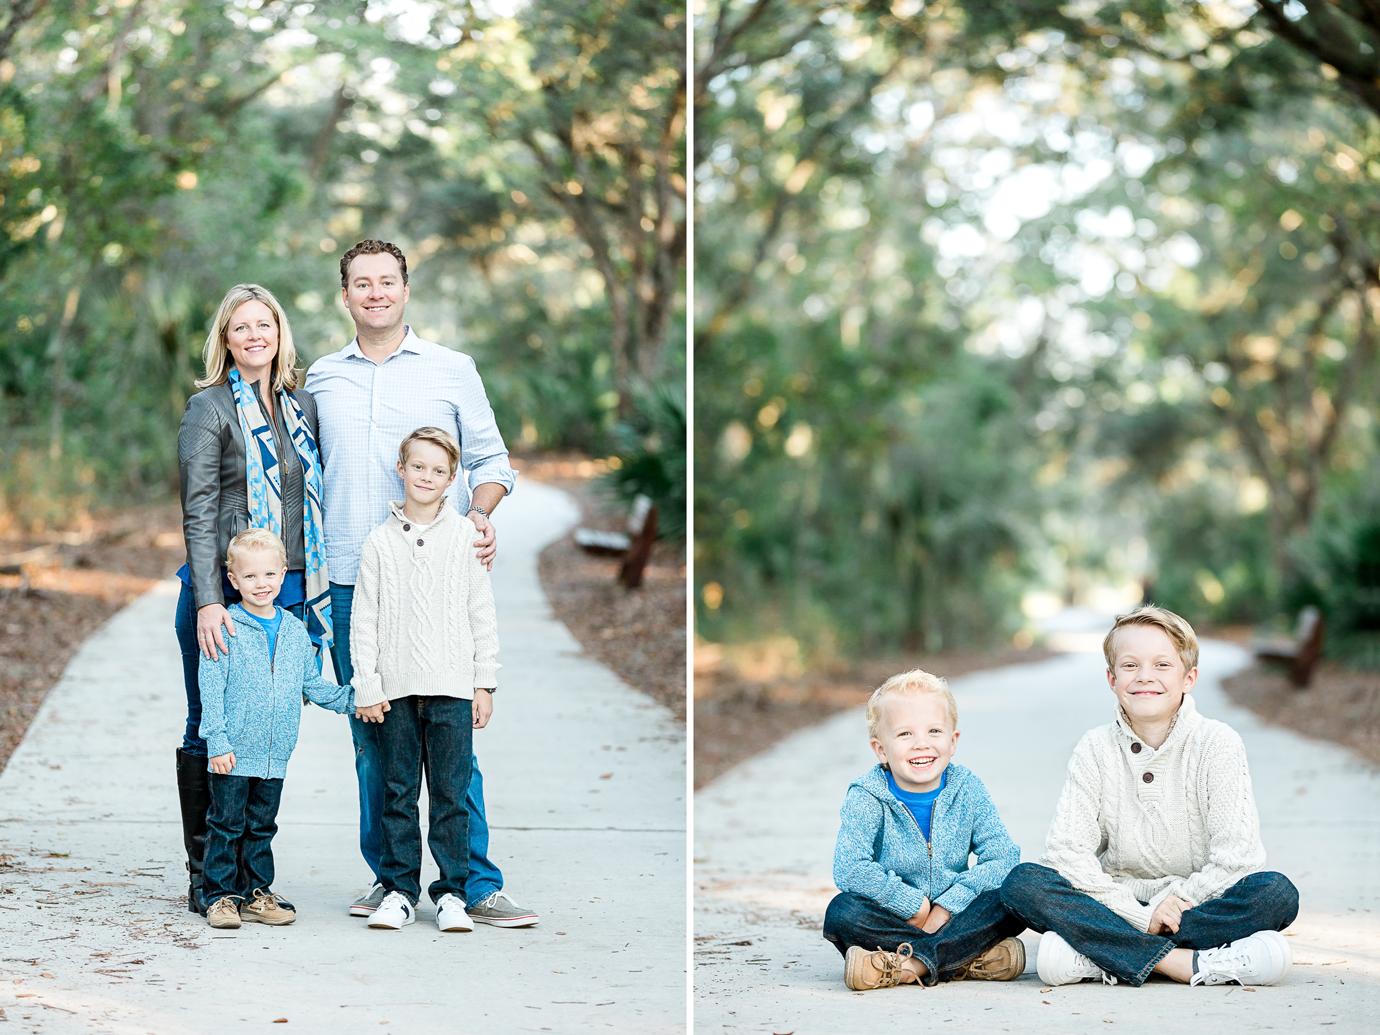 family photographer in ponte vedra, fl